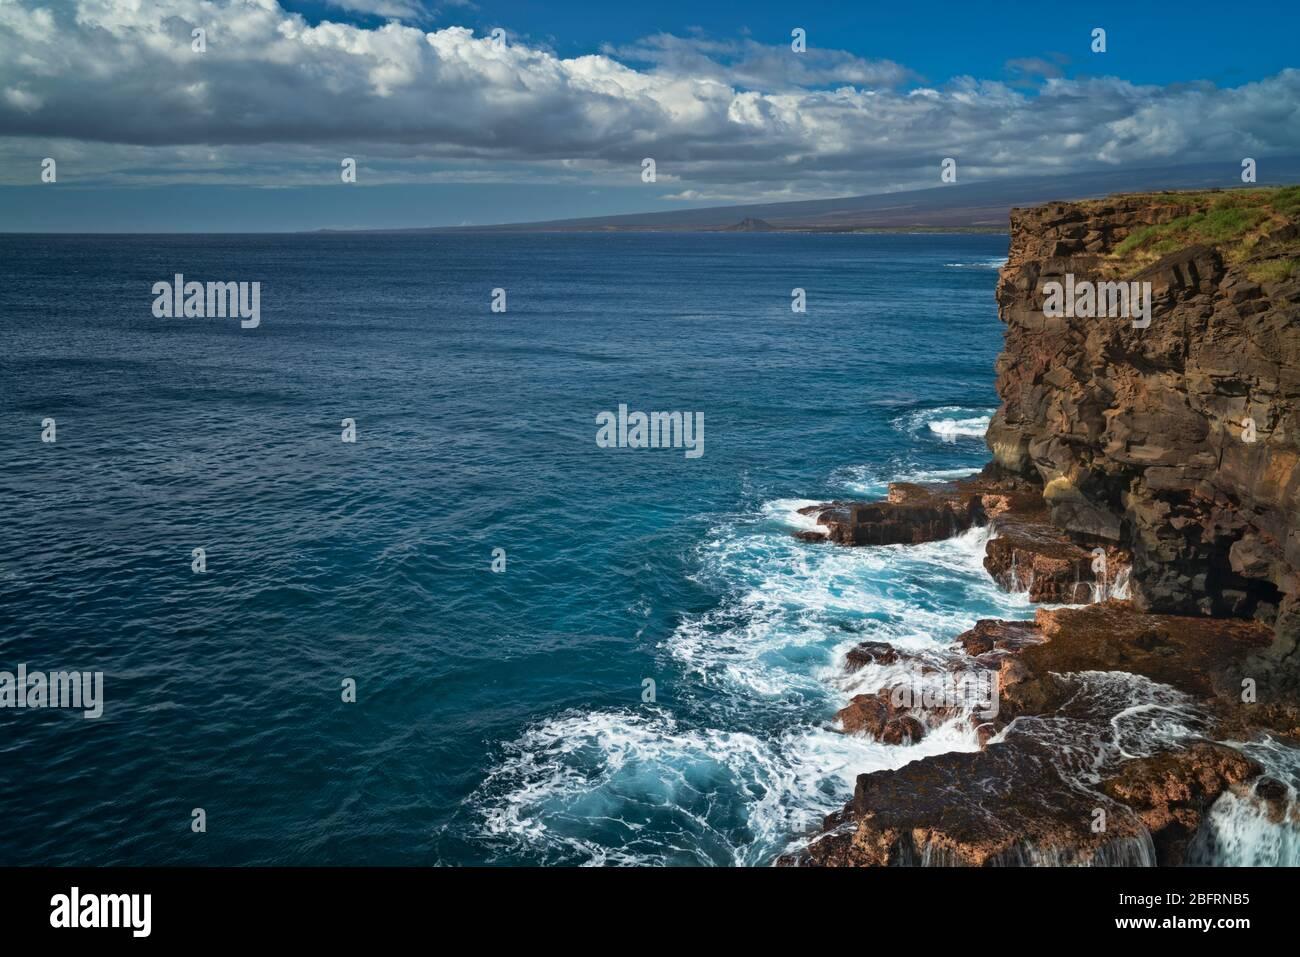 Las olas chocan contra los acantilados volcánicos en South Point en la Gran Isla de Hawai y la ubicación más meridional en los Estados Unidos. Foto de stock